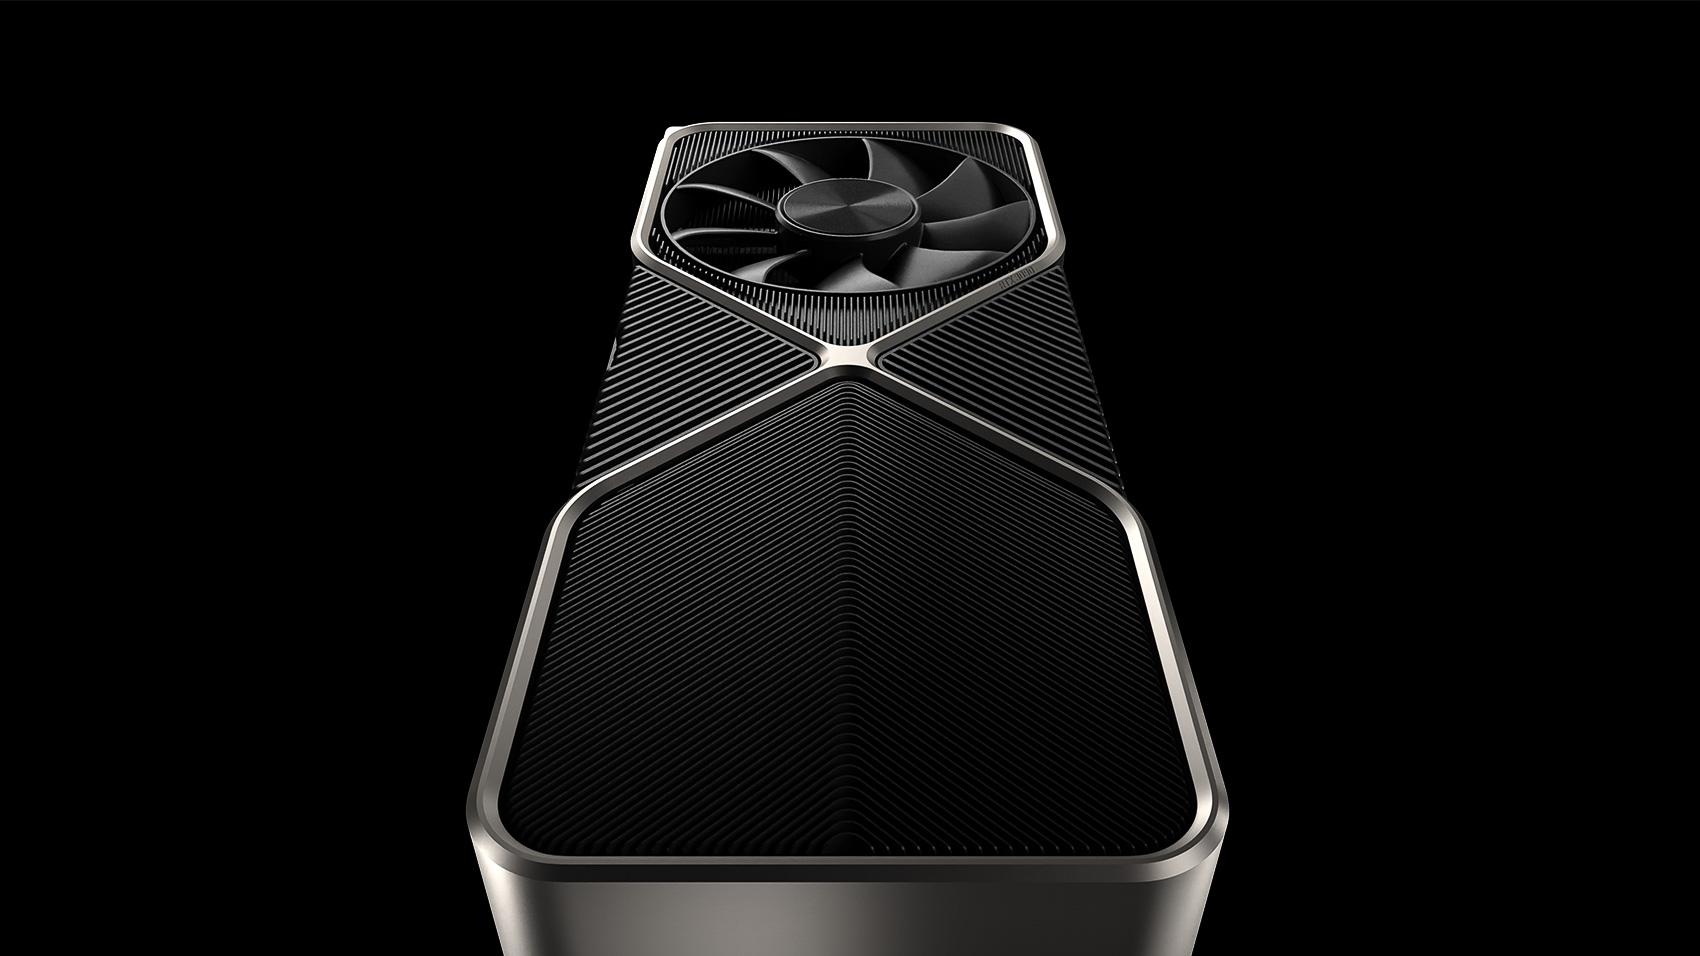 GeForce RTX 3090は最上位モデルで、3つのスロットを消費し、奥行きも大きくなっている。9月24日に1,499ドルで販売が開始される。日本では229,800円という予価が示されている(出典:NVIDIA)